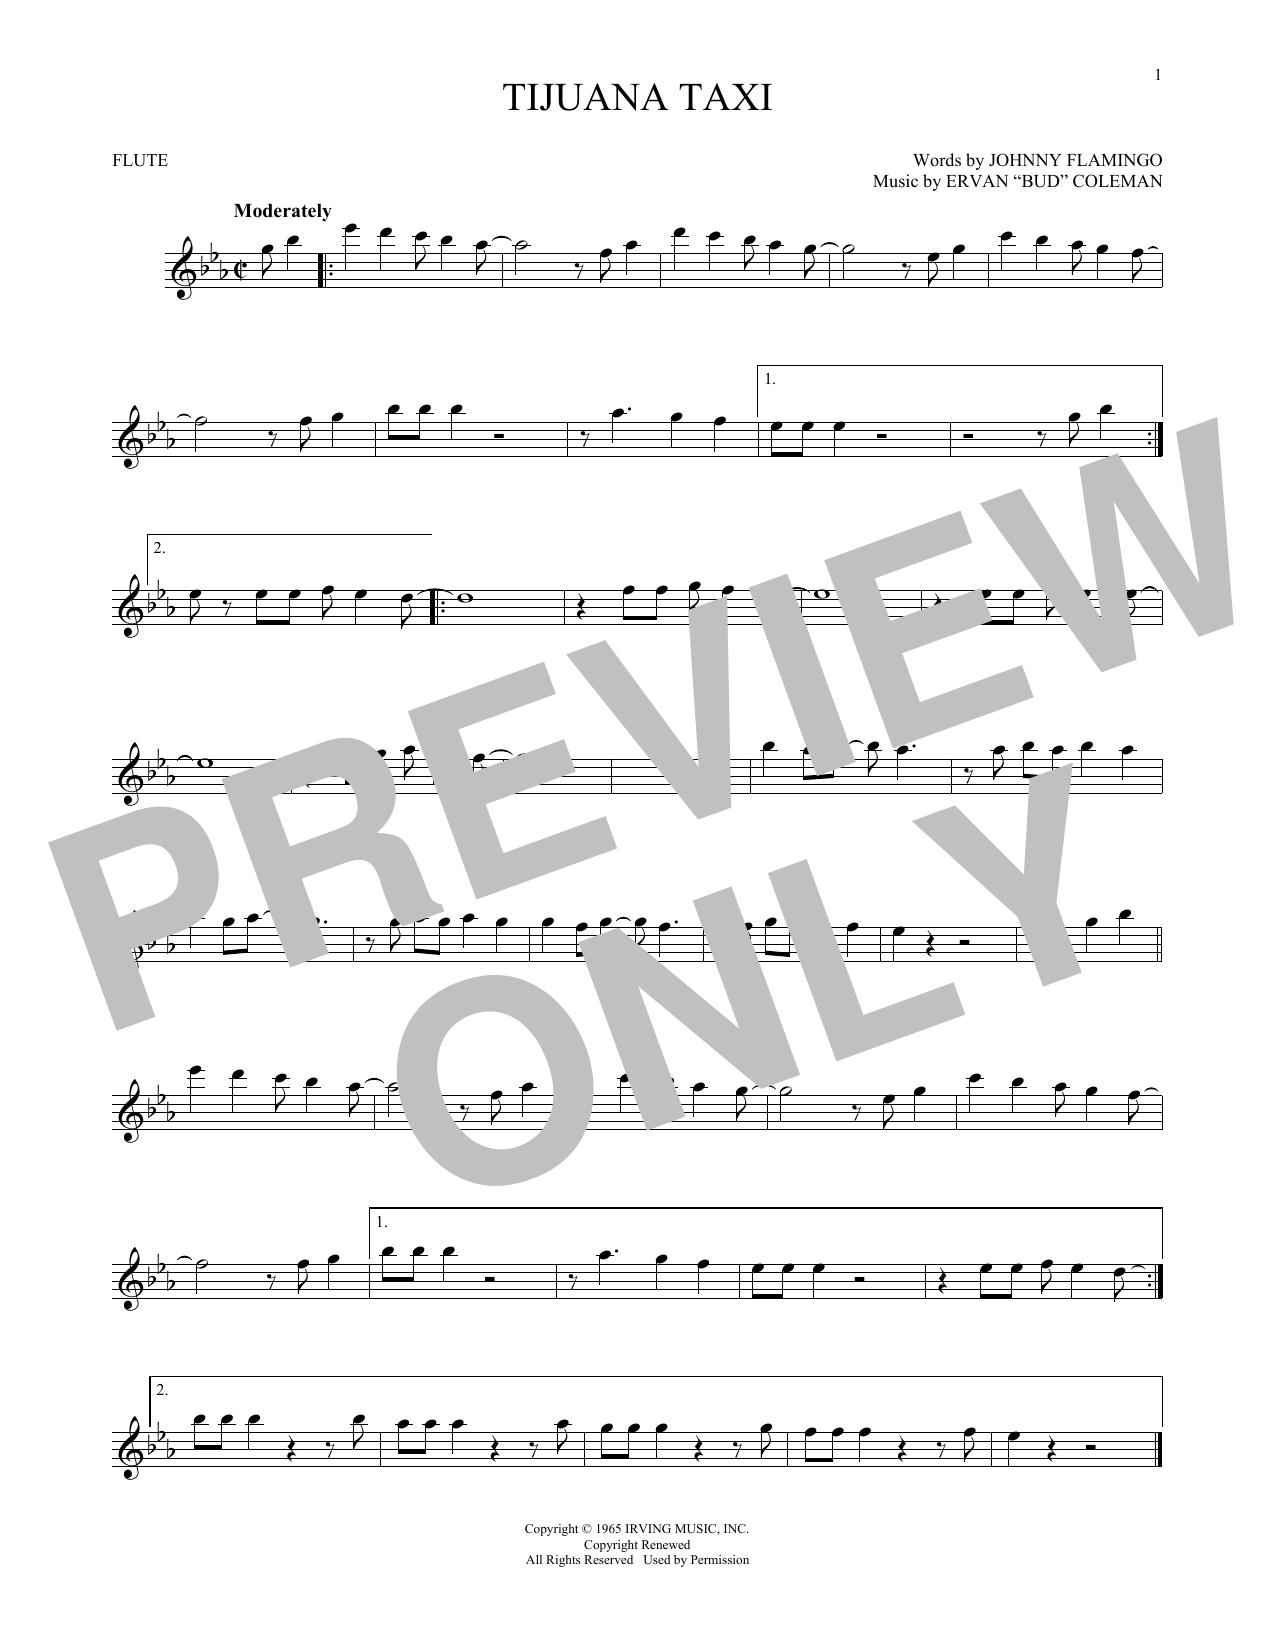 Partition flûte Tijuana Taxi de Herb Alpert & The Tijuana Brass Band - Flute traversiere